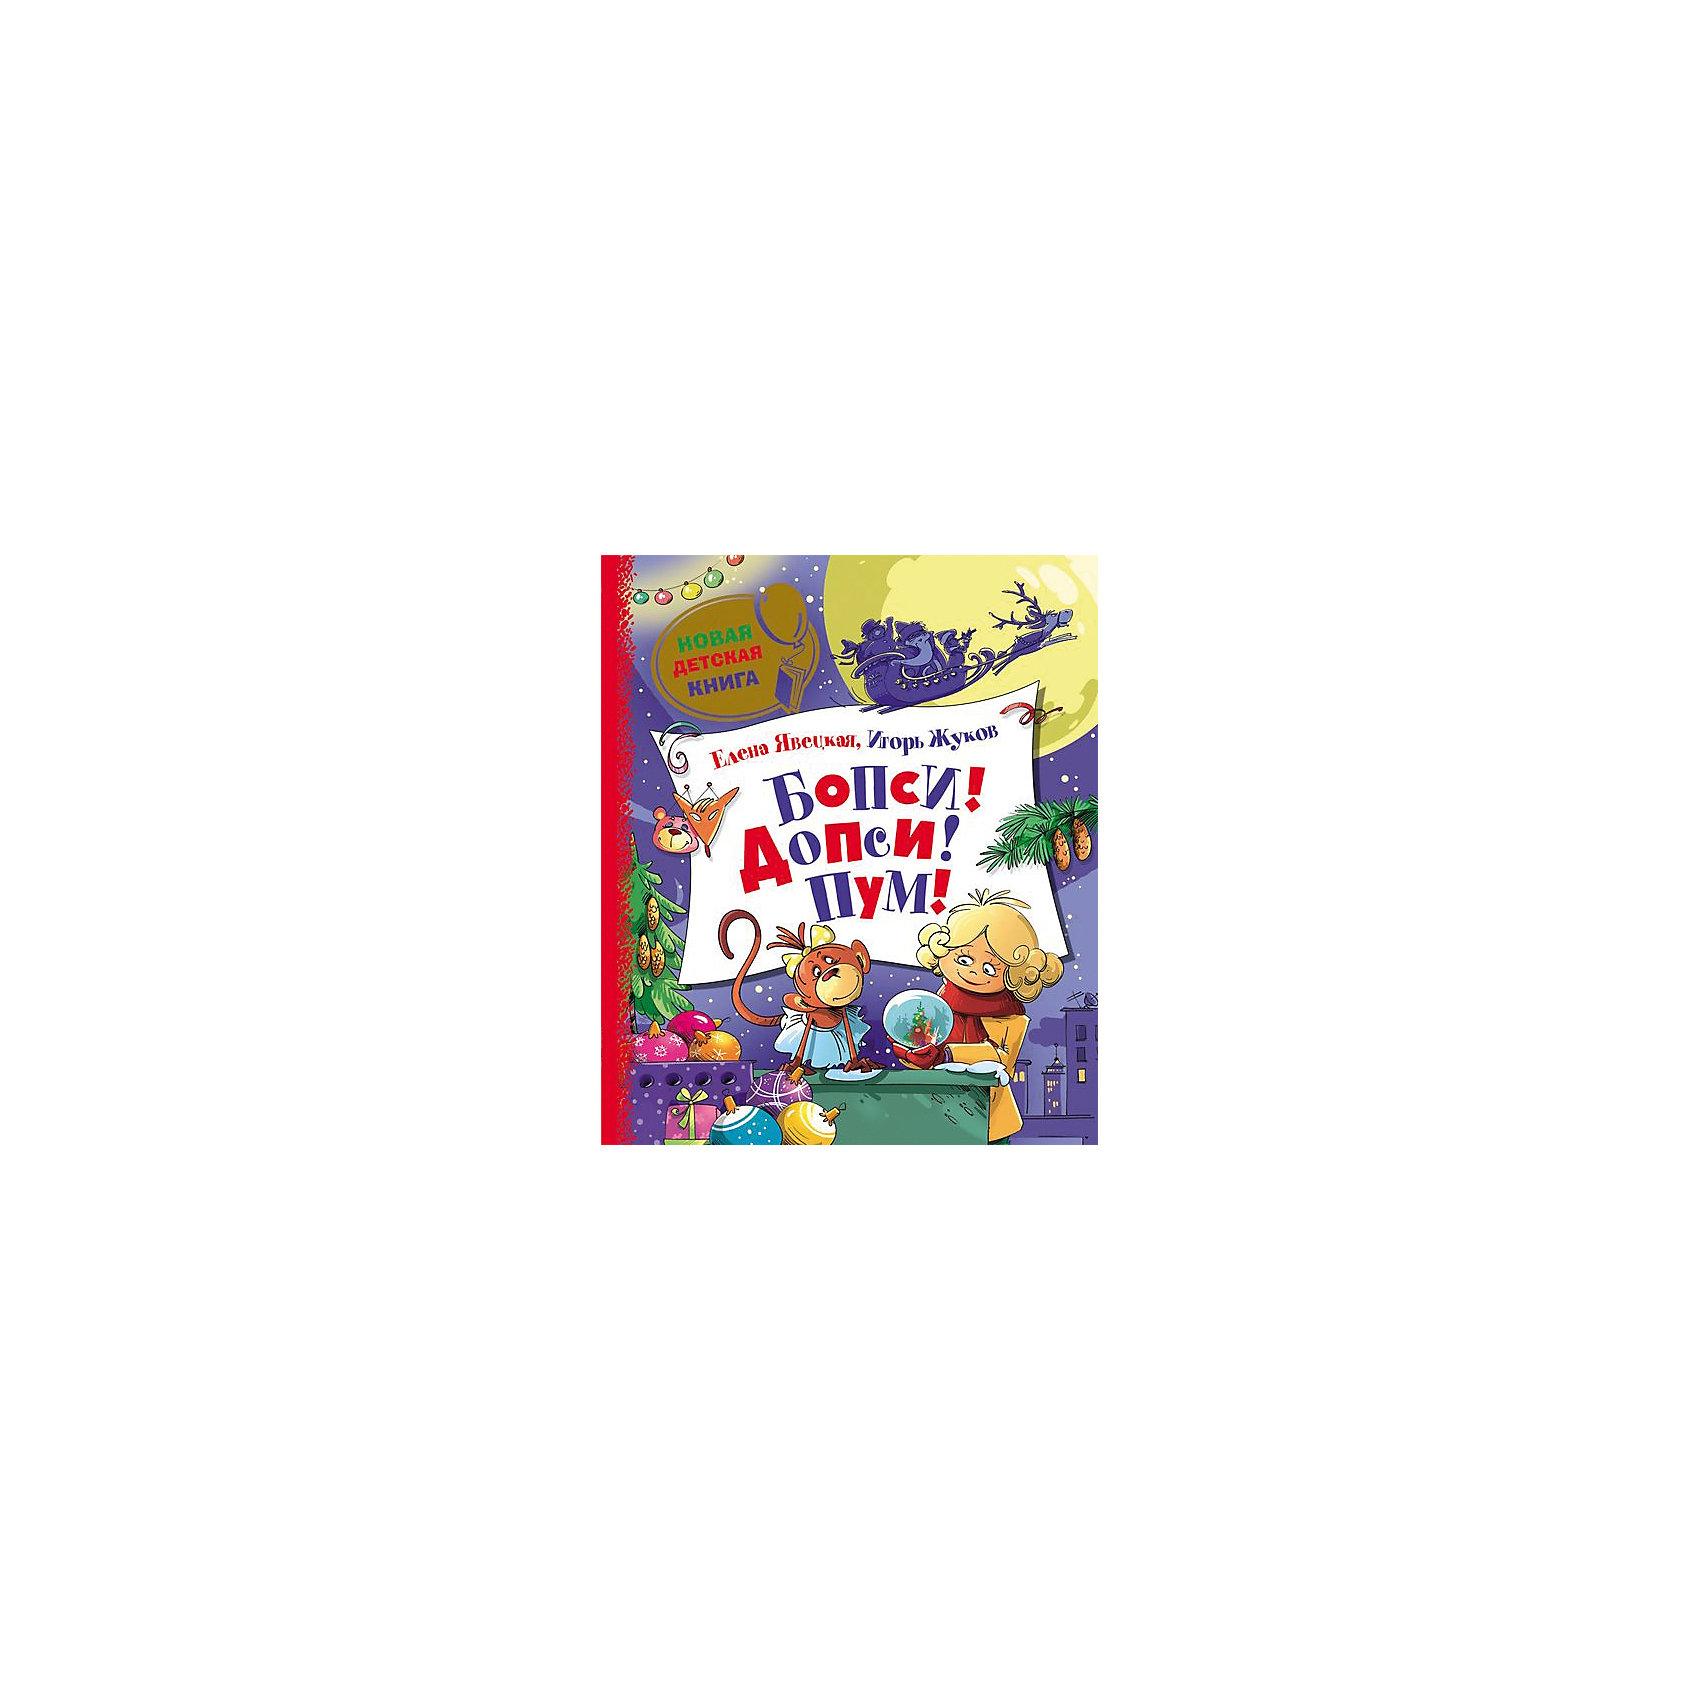 БОПСИ! ДОПСИ! ПУМ! И. Жуков, Е. ЯвецкаяБОПСИ! ДОПСИ! ПУМ! И. Жуков, Е. Явецкая.<br><br>Характеристики:<br><br>- Авторы: И. Жуков, Е. Явецкая<br>- Иллюстратор: Л. Гамарц<br>- Издательство: Росмэн<br>- Серия: Новая детская книга<br>- Тип обложки: твердый переплет, плотная бумага или картон<br>- Оформление: частичная лакировка<br>- Иллюстрации: цветные<br>- Количество страниц: 88 (офсет)<br>- Размер: 240 х 205 x 7 мм.<br>- Вес: 379 гр.<br><br>Незадолго до наступления нового года девочка Нина и ее верная подруга, плюшевая обезьянка Дуся, отправились за подарками. И это был бы еще один день в радостных предпраздничных хлопотах, если бы не традиционное женское любопытство. Ведь, как водится, самые интересные истории начинаются со слов давай посмотрим, что там. Так Нина с Дусей оказались в магазинчике господина Морозини, который, откуда ни возьмись, появился на их пути, и обнаружили на одной из полок новогодней лавочки удивительный снежный шар, в котором рождественская пастораль внезапно сменилась сценой из зловещего триллера. Вместо веселого похода за подарками героям книги предстоит отправиться спасать обитателей шара. Нина и Дуся познакомятся с мальчиком-музыкантом Зябликом, ослом-поэтом Варфоломеем, бабой-спортсменкой Снежанной, и из всего этого получится очень смешная, но вместе с тем напряженная детективная история со своей интригой, которую предстоит разгадать внимательным читателям. Создать настоящую интригу, интересную канву, неоднозначных персонажей, держать читателя в напряжение до последних страниц - задача сложная даже для взрослого автора. В разы сложнее приходится авторам детских детективов, ведь им приходится создавать истории с точно выверенным балансом - дети не терпят фальши, тем более в загадочных историях. Авторам книги «Бопси! Допси! Пум!» все это удалось: великолепный детективный сюжет, интересные сказочные персонажи, комедийные диалоги, и все это – мастерски сведенное воедино! Книга «Бопси! Допси! Пум!» - это веселая новогодняя история полная юмора 